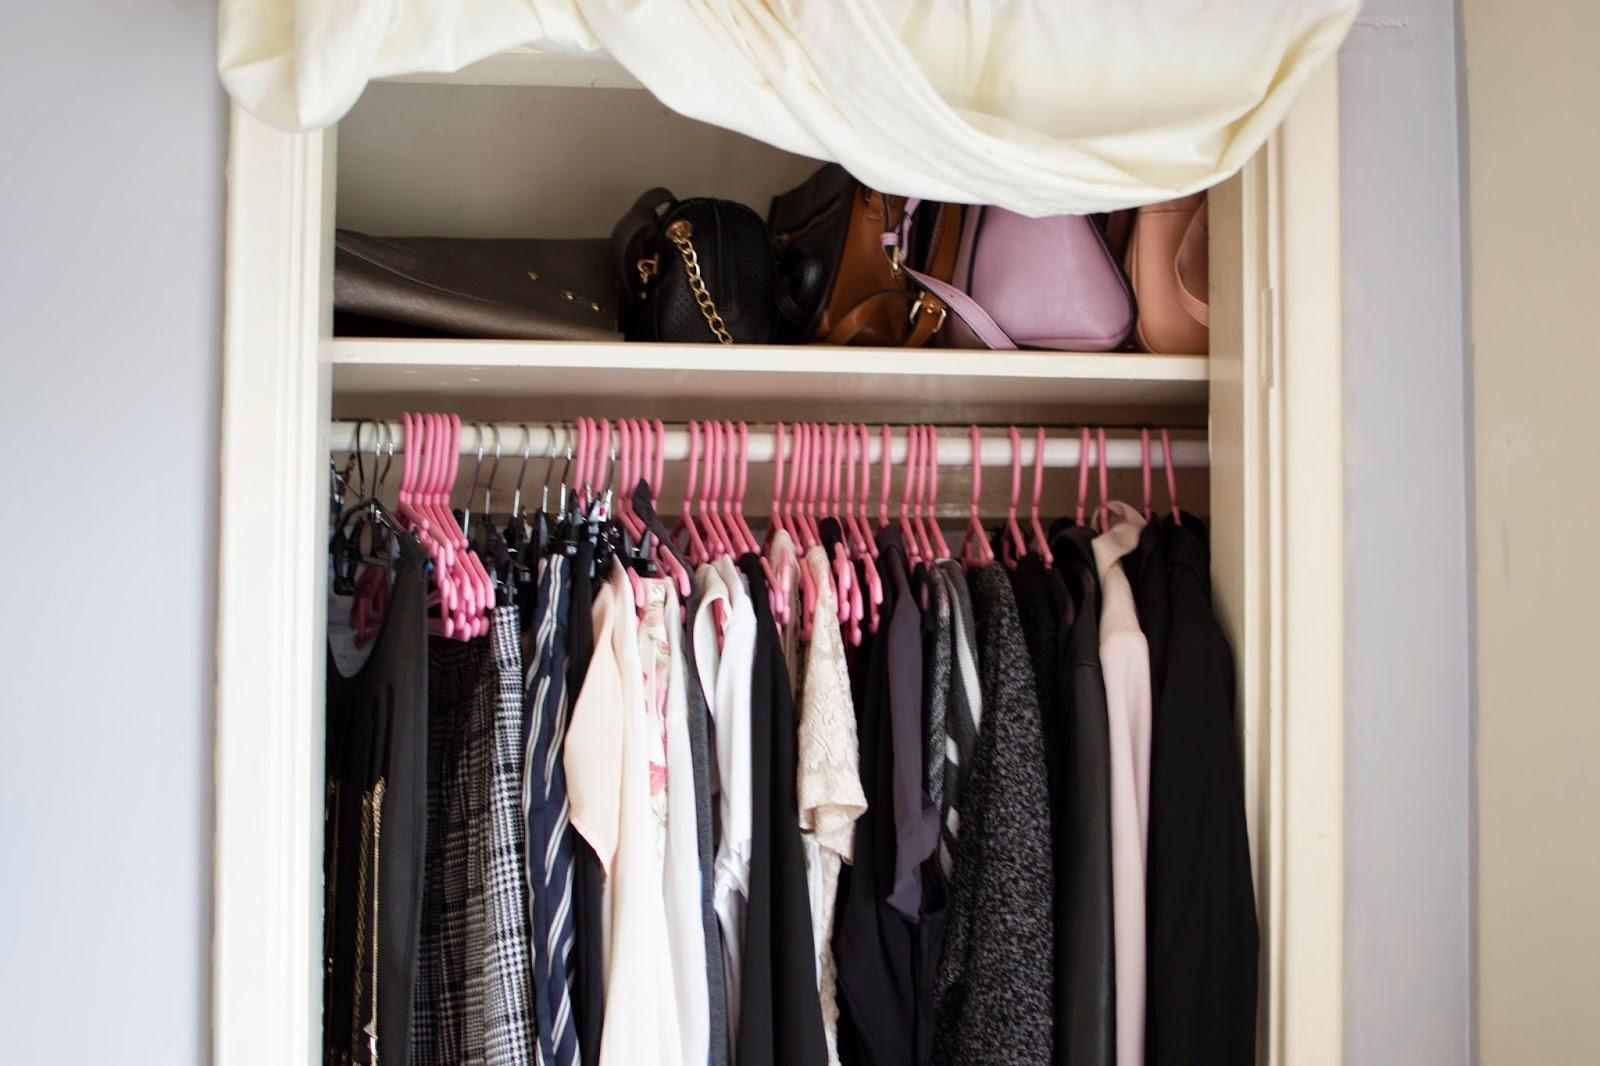 Closet Wardrobe Minimalism Minimal Fashion